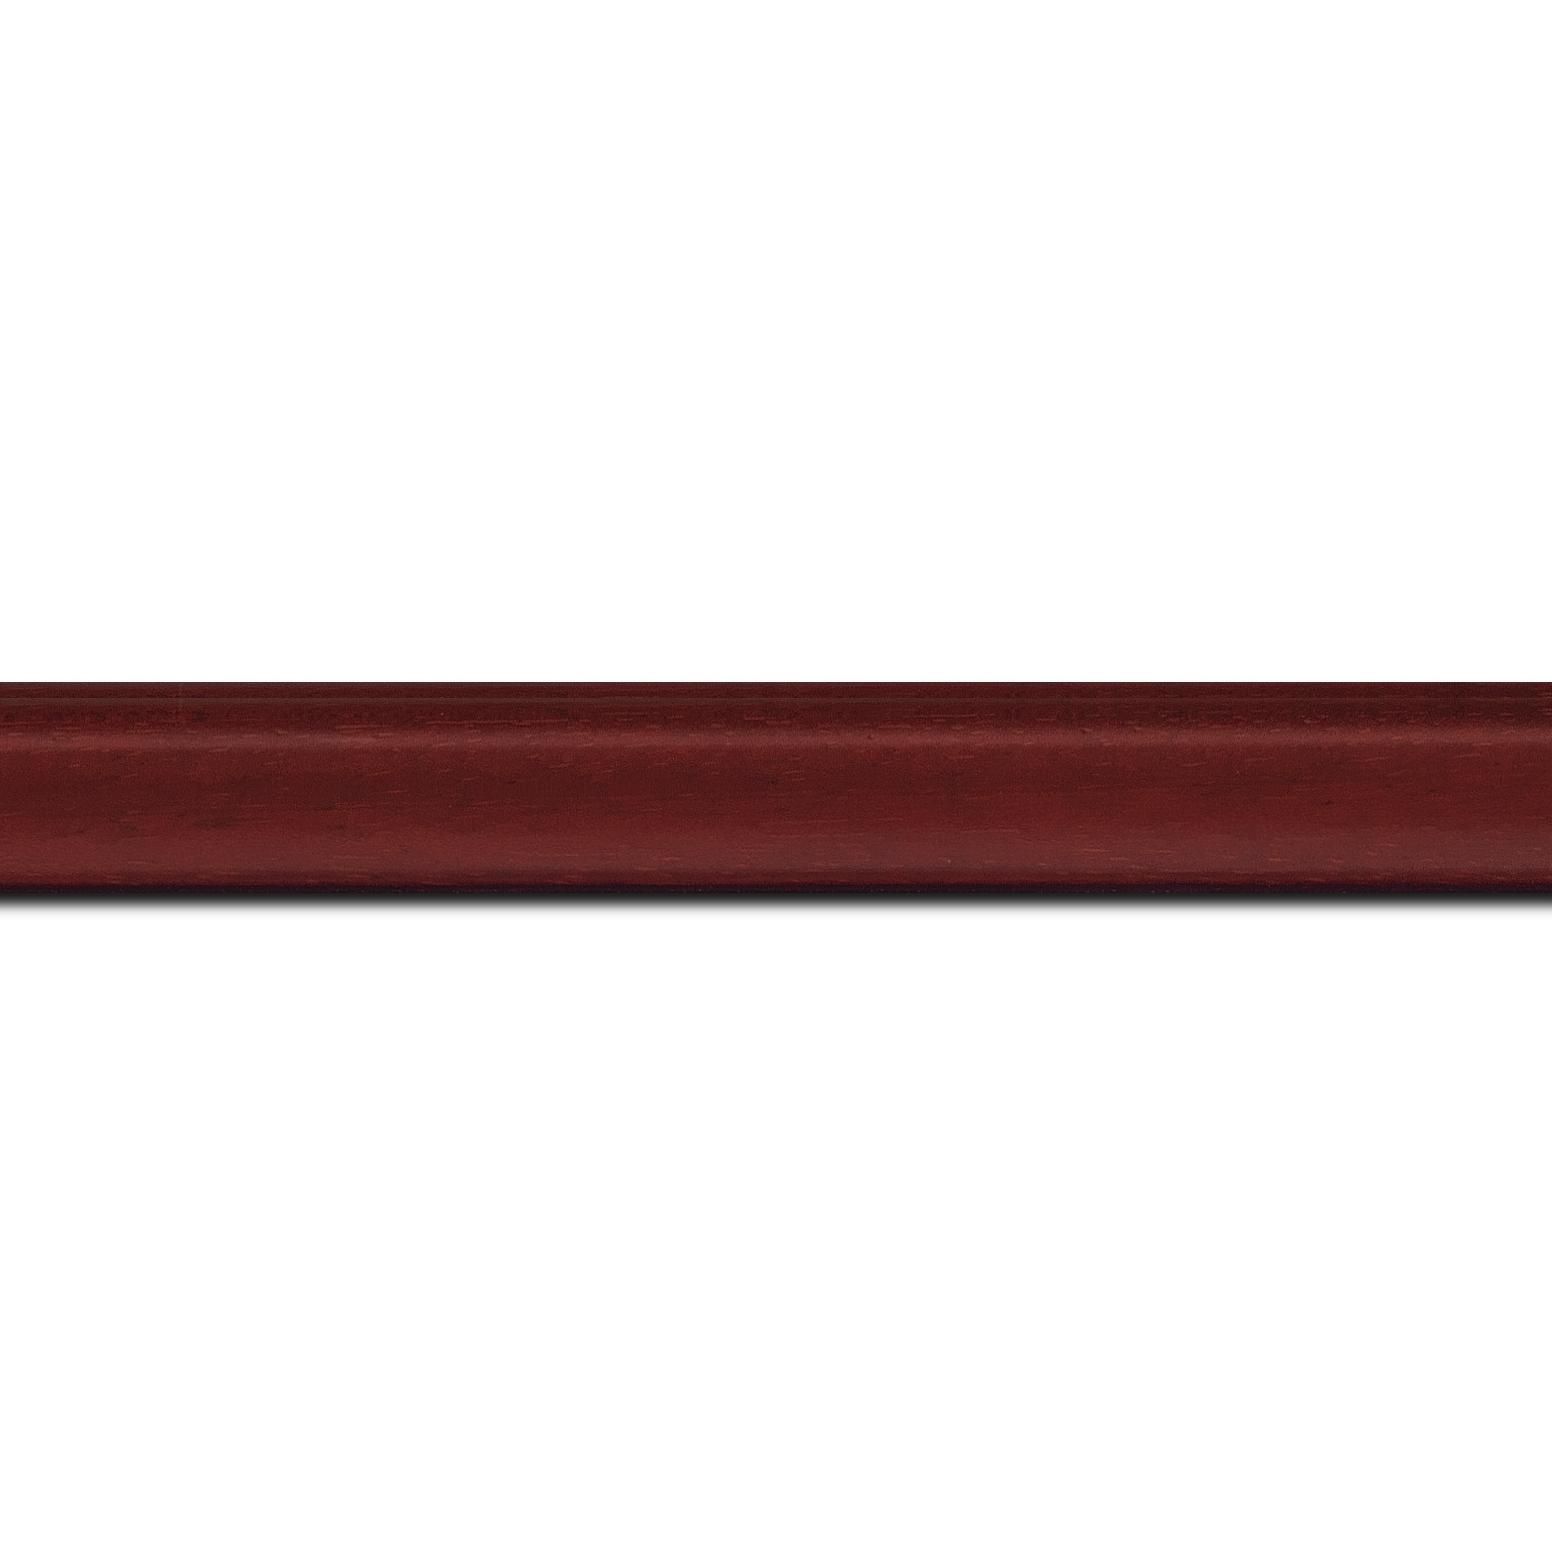 Pack par 12m, bois profil incurvé largeur 2.1cm couleur bordeaux satiné (longueur baguette pouvant varier entre 2.40m et 3m selon arrivage des bois)